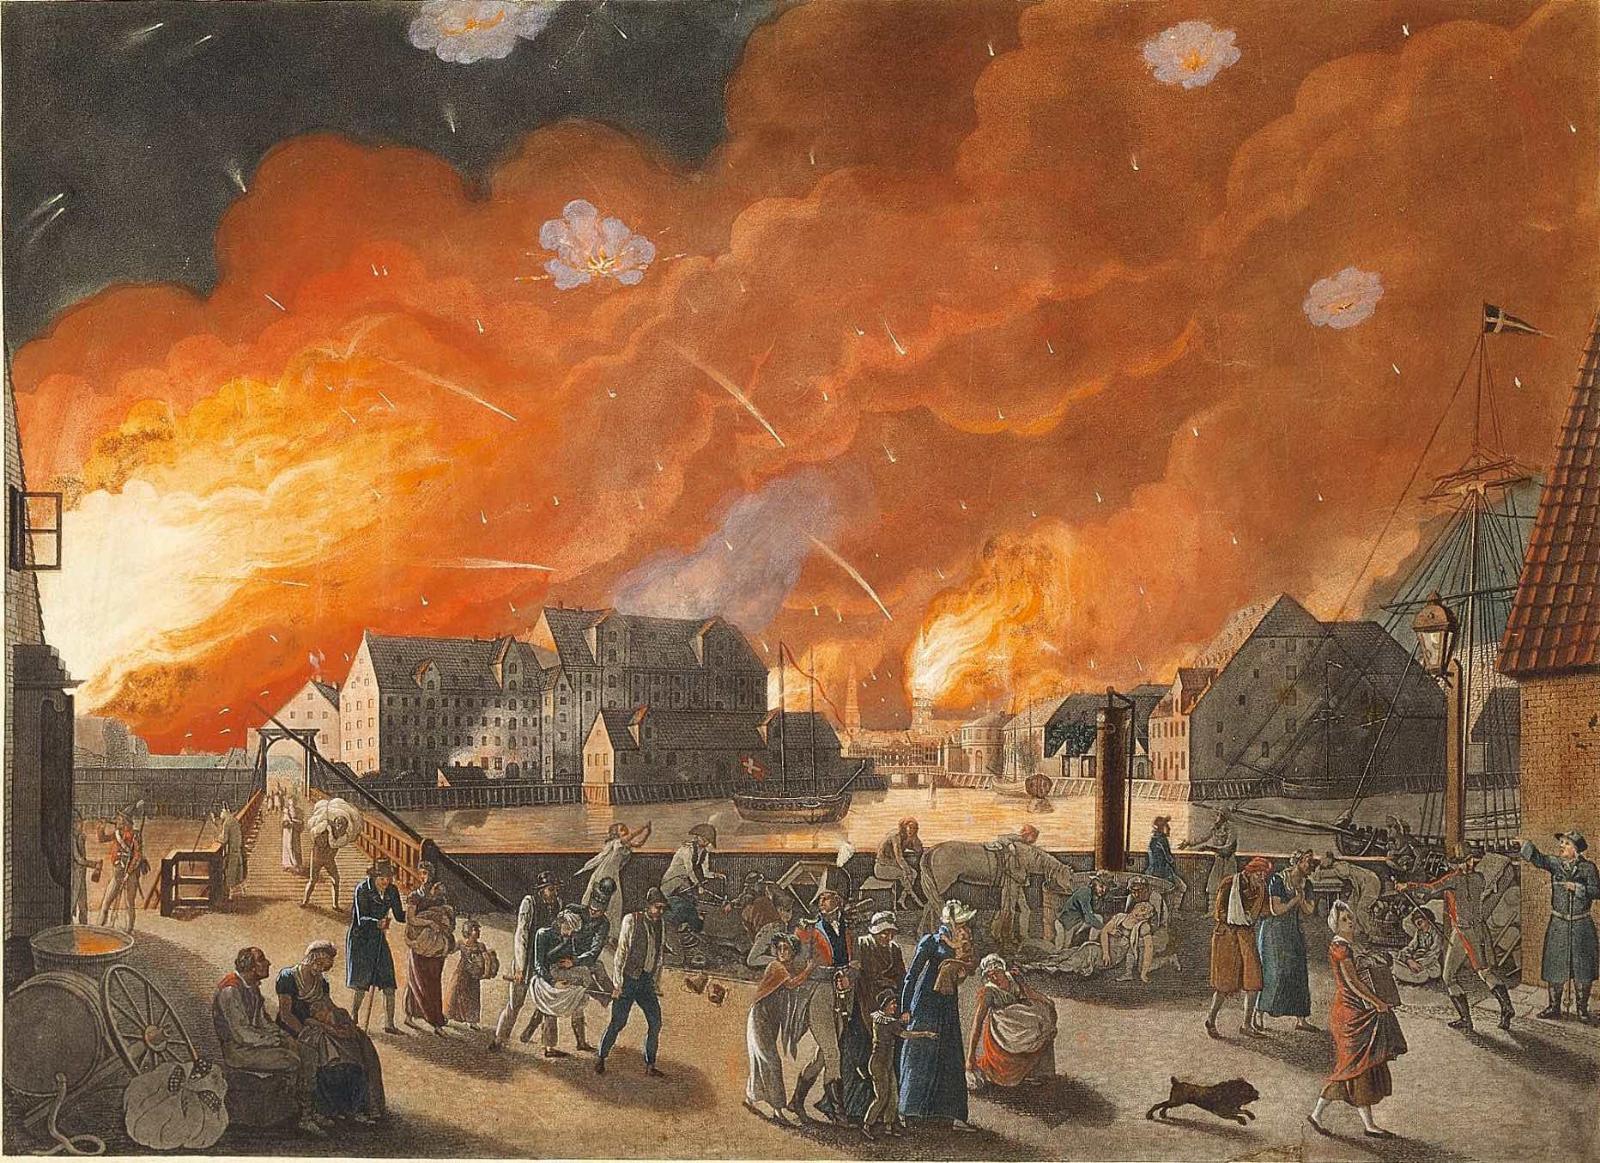 Бомбардировка Копенгагена английским флотом, сентябрь 1807 года.